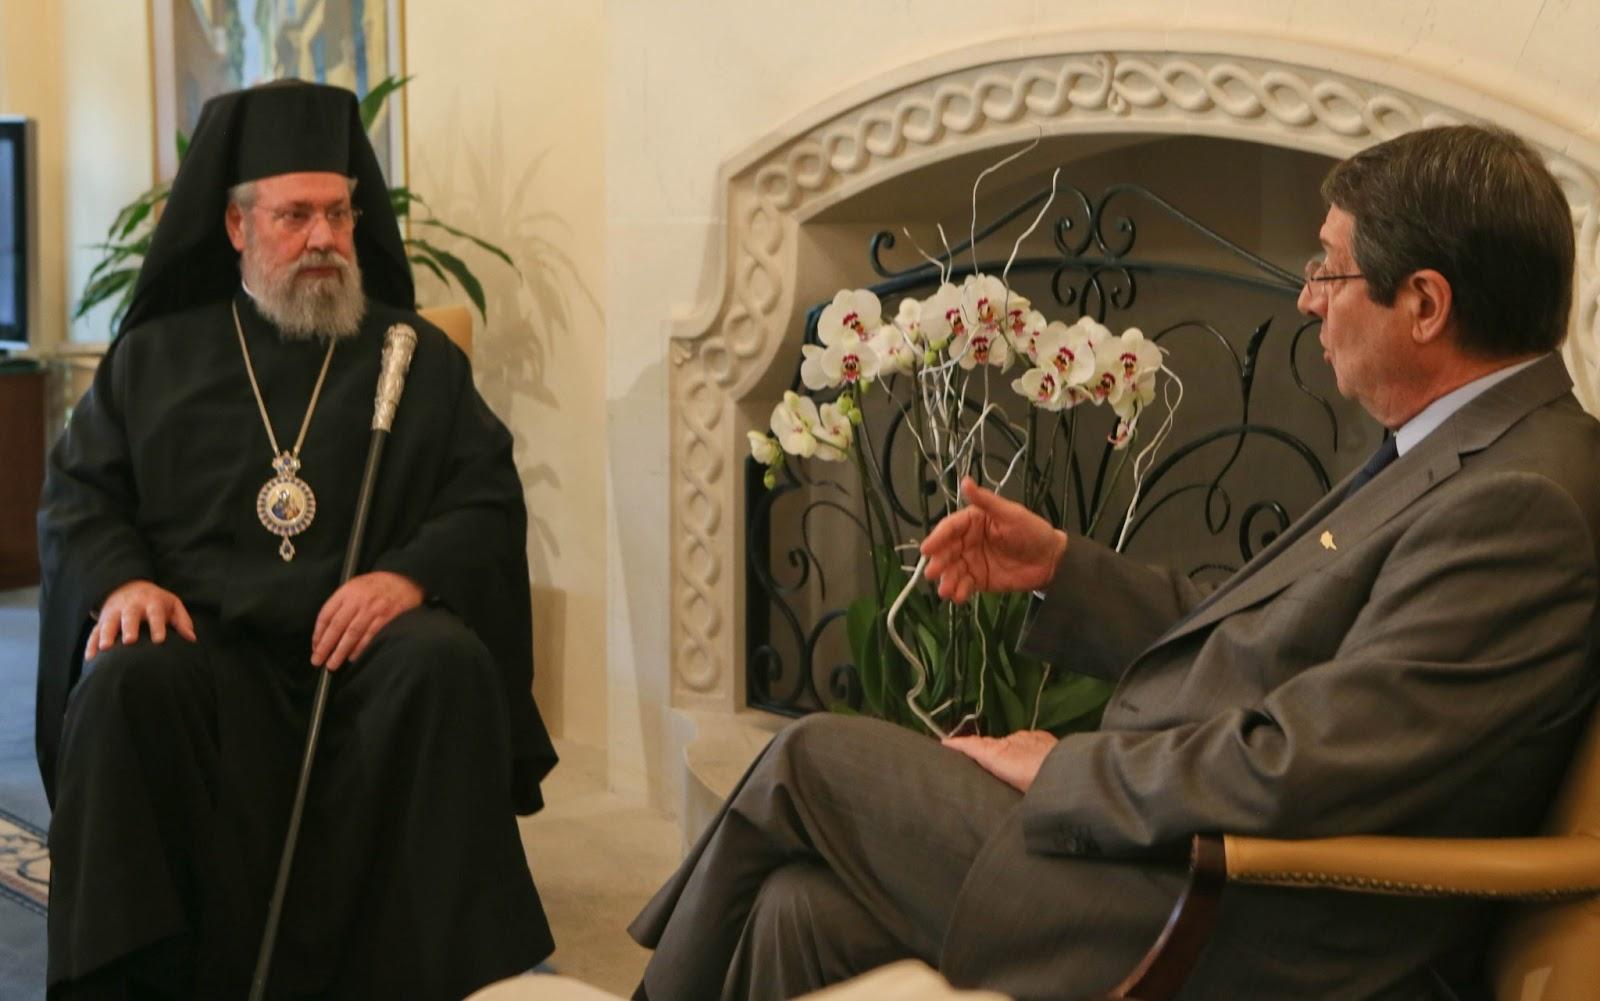 Başpiskopos Hrisostomos: Halk 40 yıldır işgal ve belirsizlik koşulları altında yaşıyor